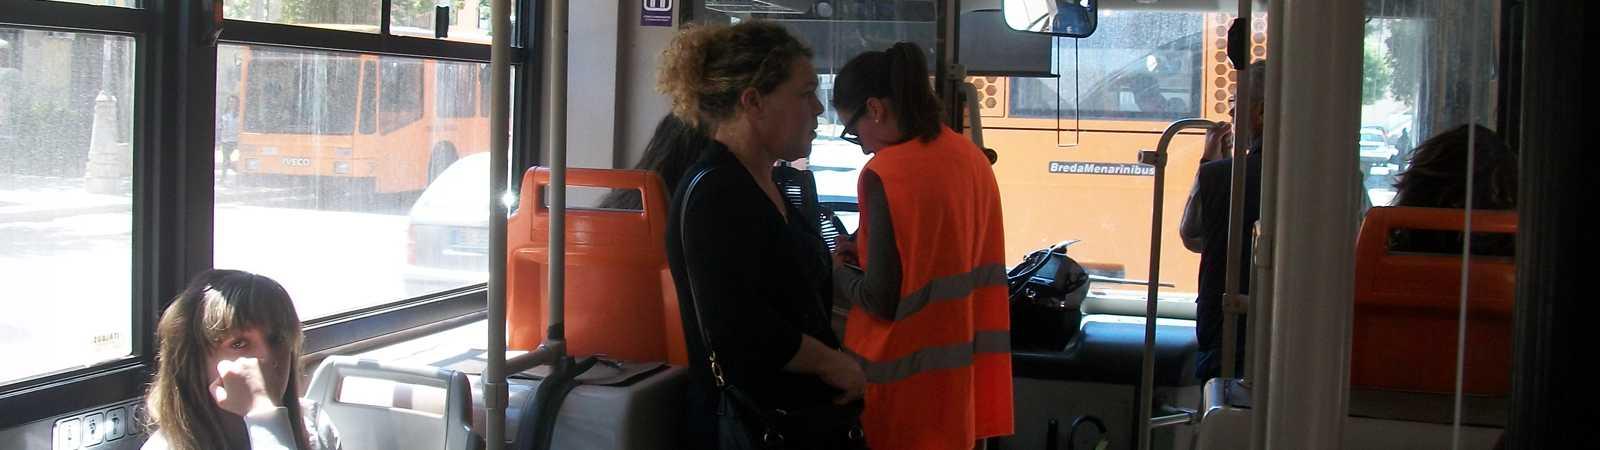 Ricerca intervistatori per indagine di customer satisfaction sui mezzi di trasporto pubblico di Como e Provincia